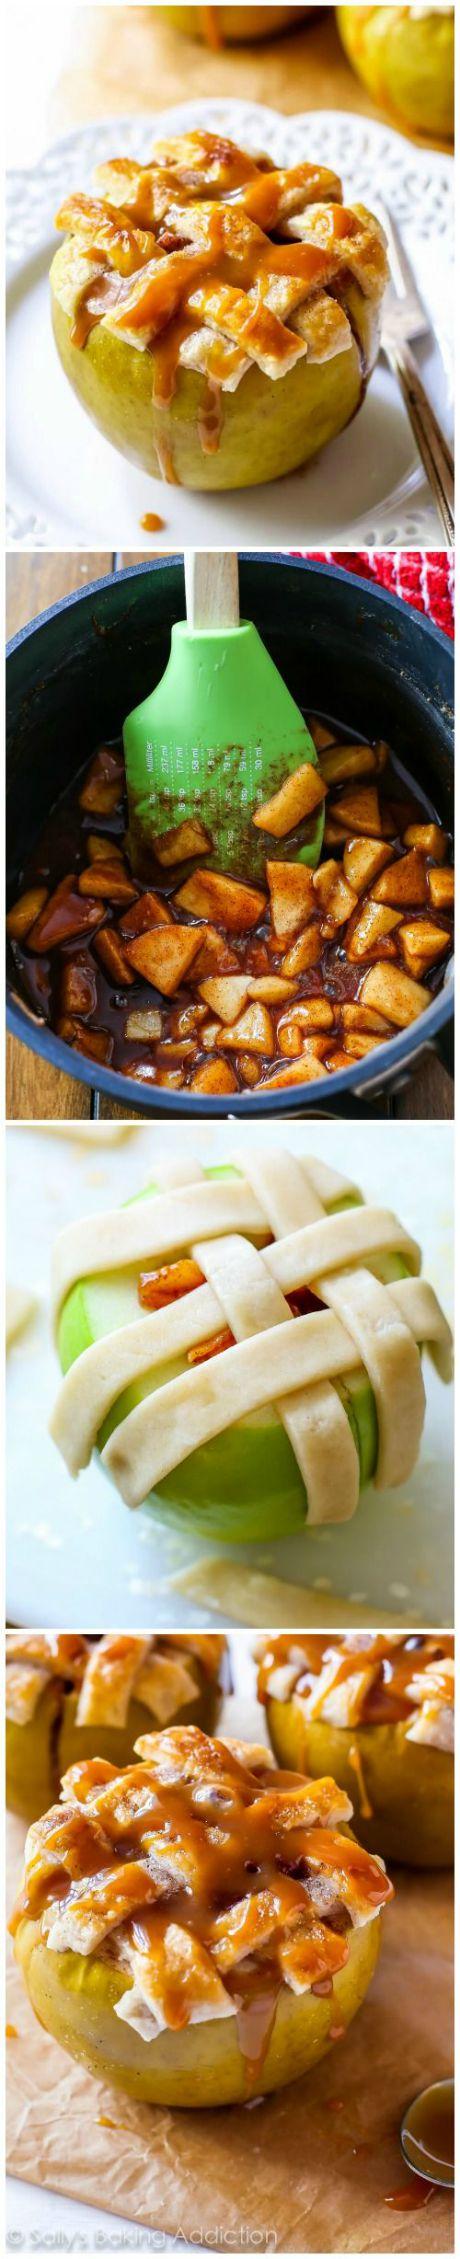 Une de mes choses préférées à faire à l'automne! Tarte aux pommes cuite dans des pommes avec une croûte en treillis sur le dessus. Délicieux et amusant!